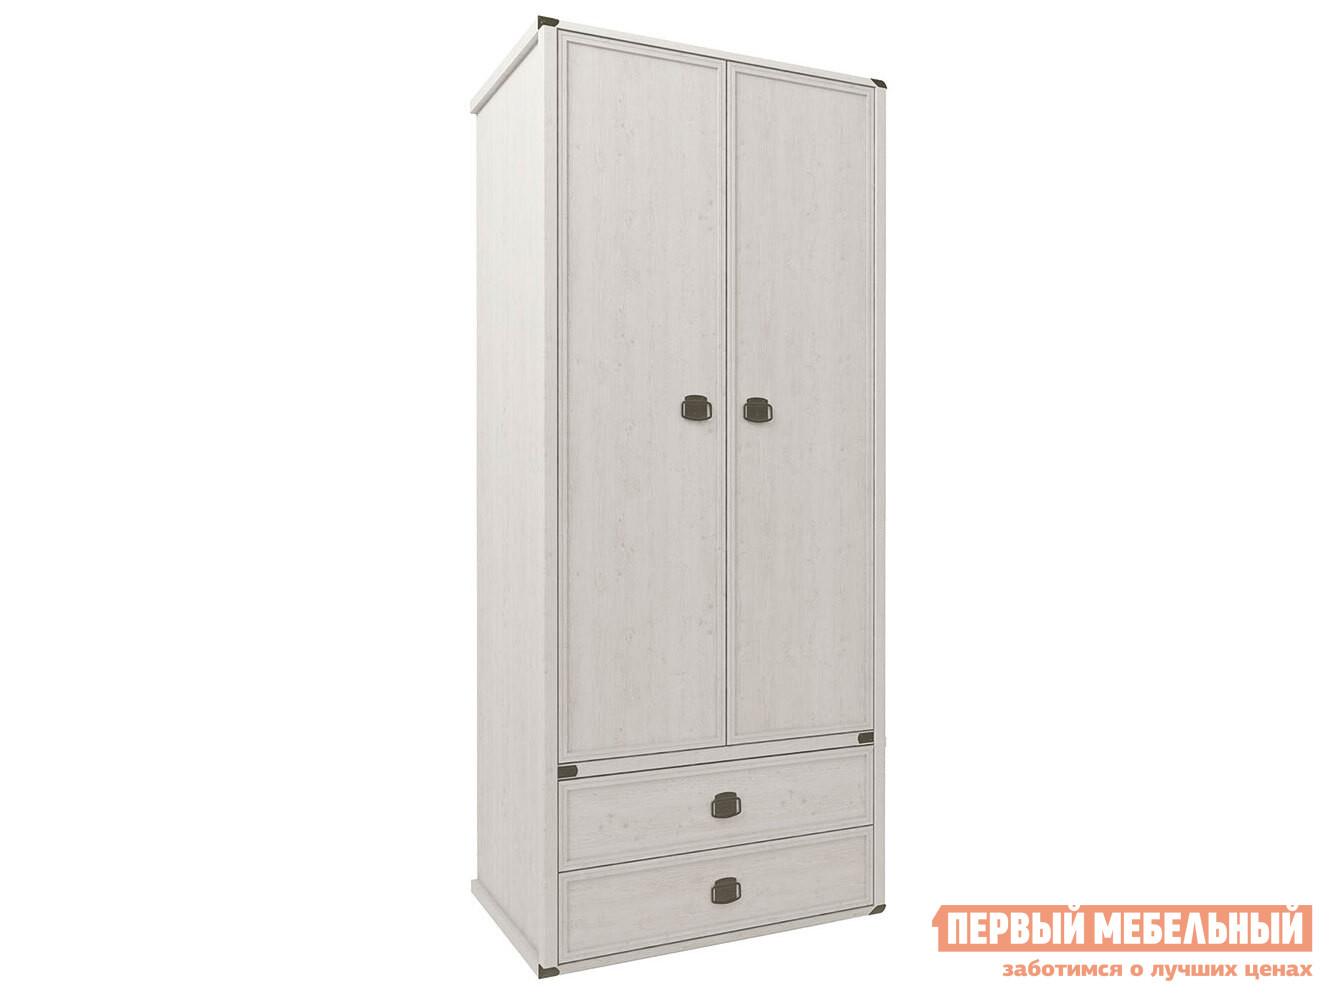 Шкаф распашной Первый Мебельный Шкаф 2-х створчатый Магеллан шкаф распашной 2 х створчатый первый мебельный шкаф 2 х створчатый луиза